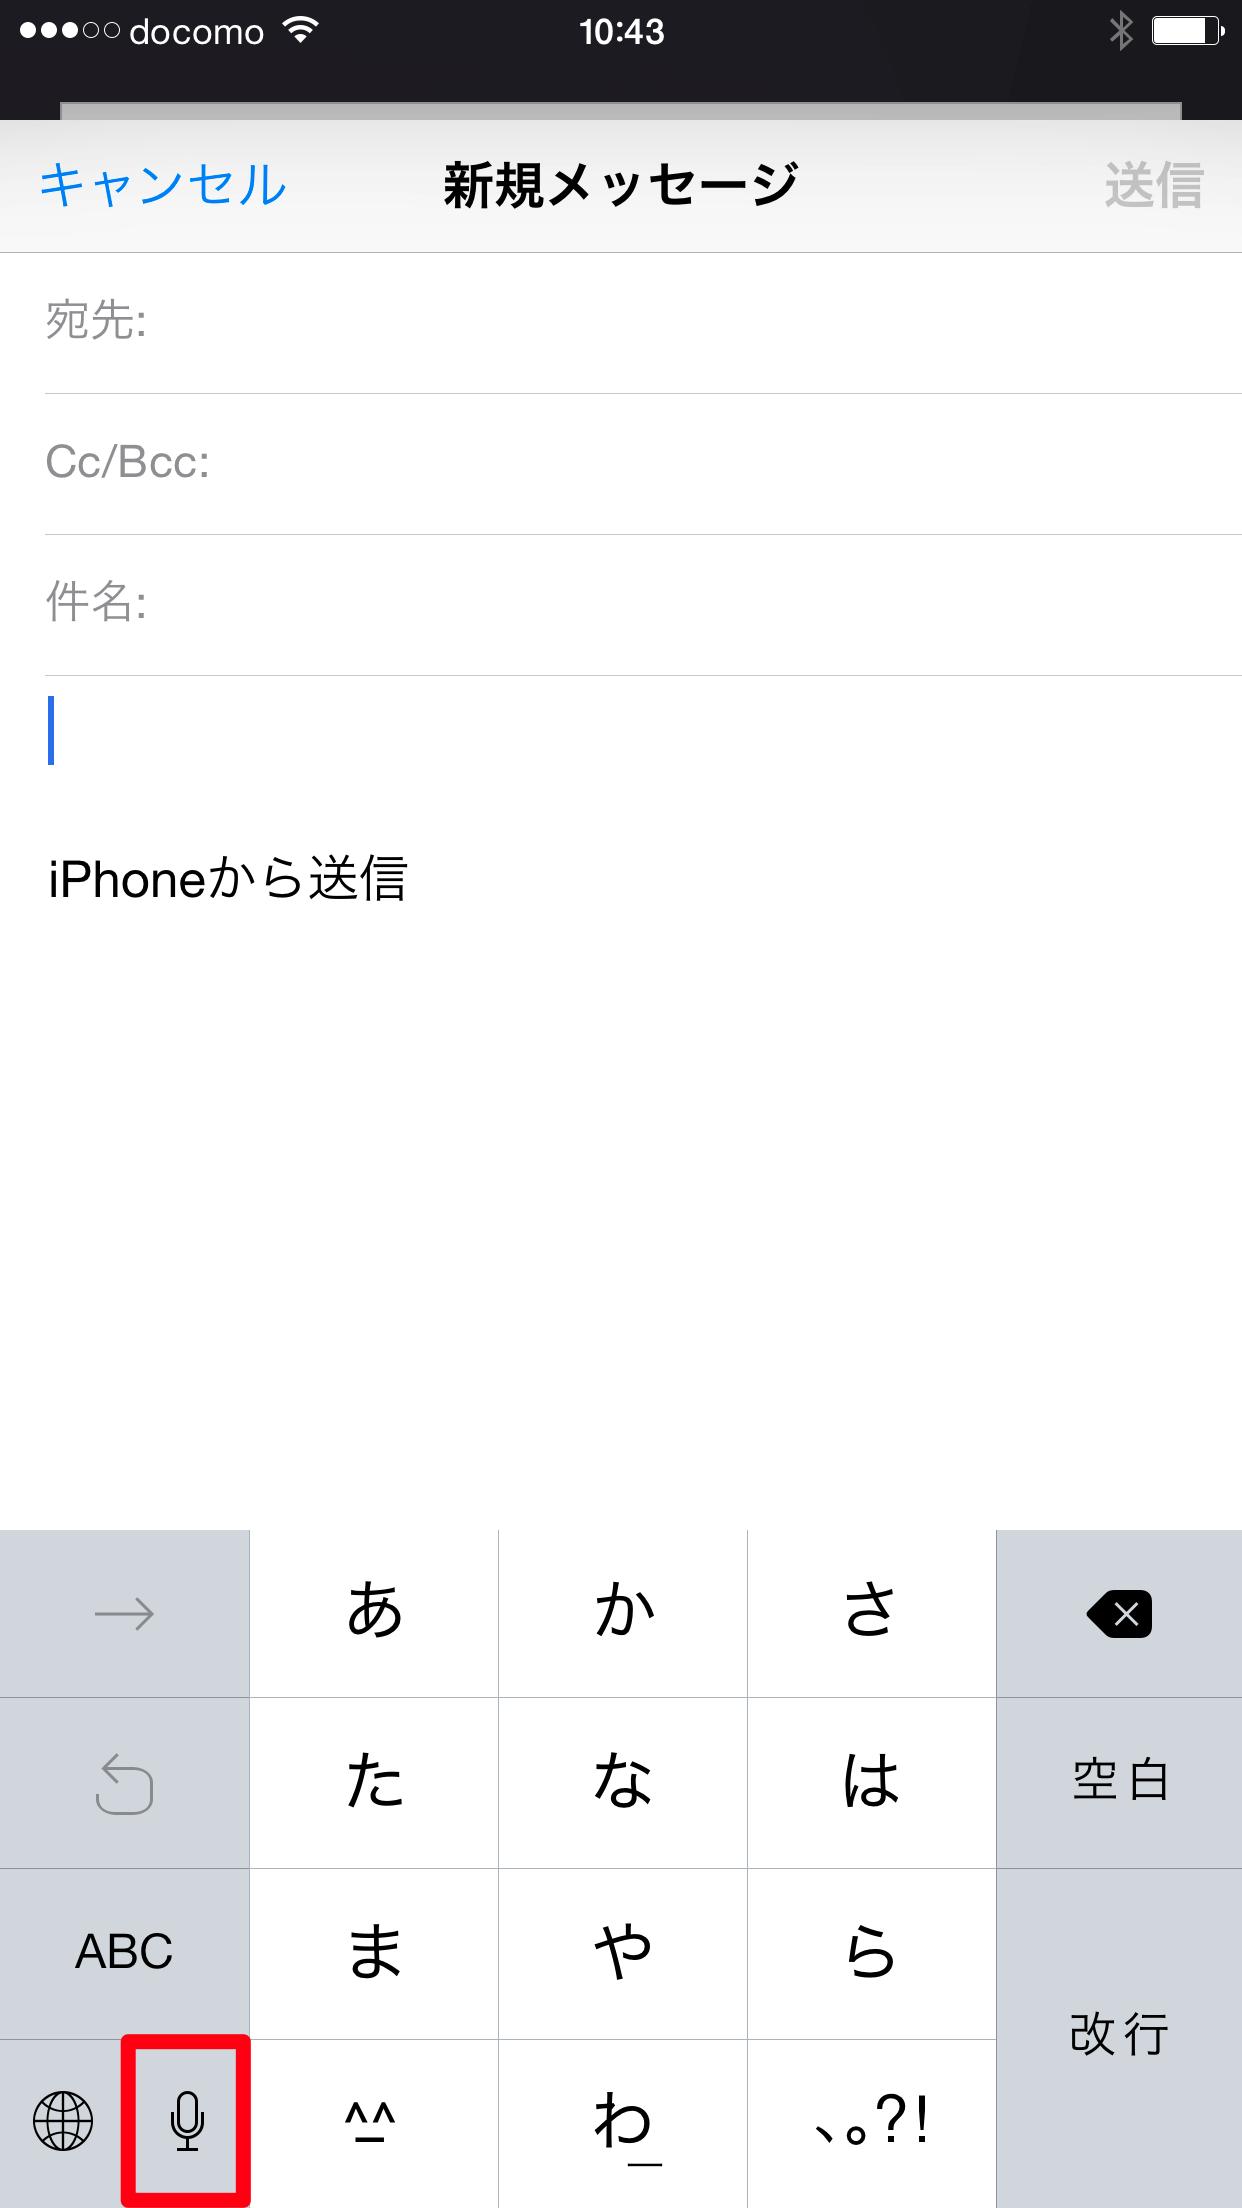 iPhoneのマイクのアイコンのキー